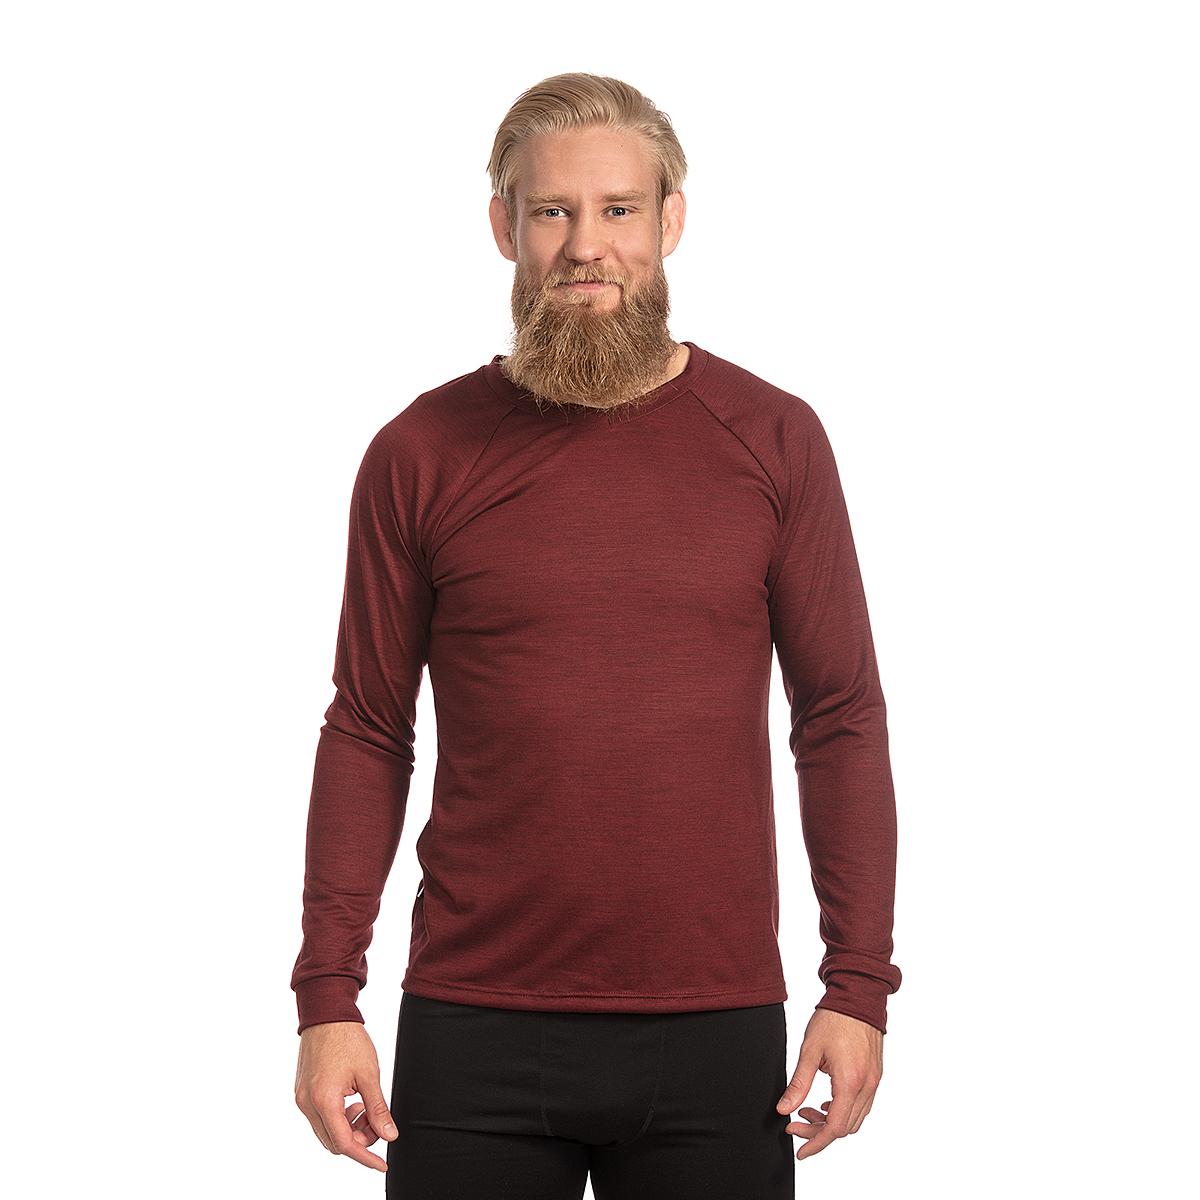 Keli long sleeve shirt